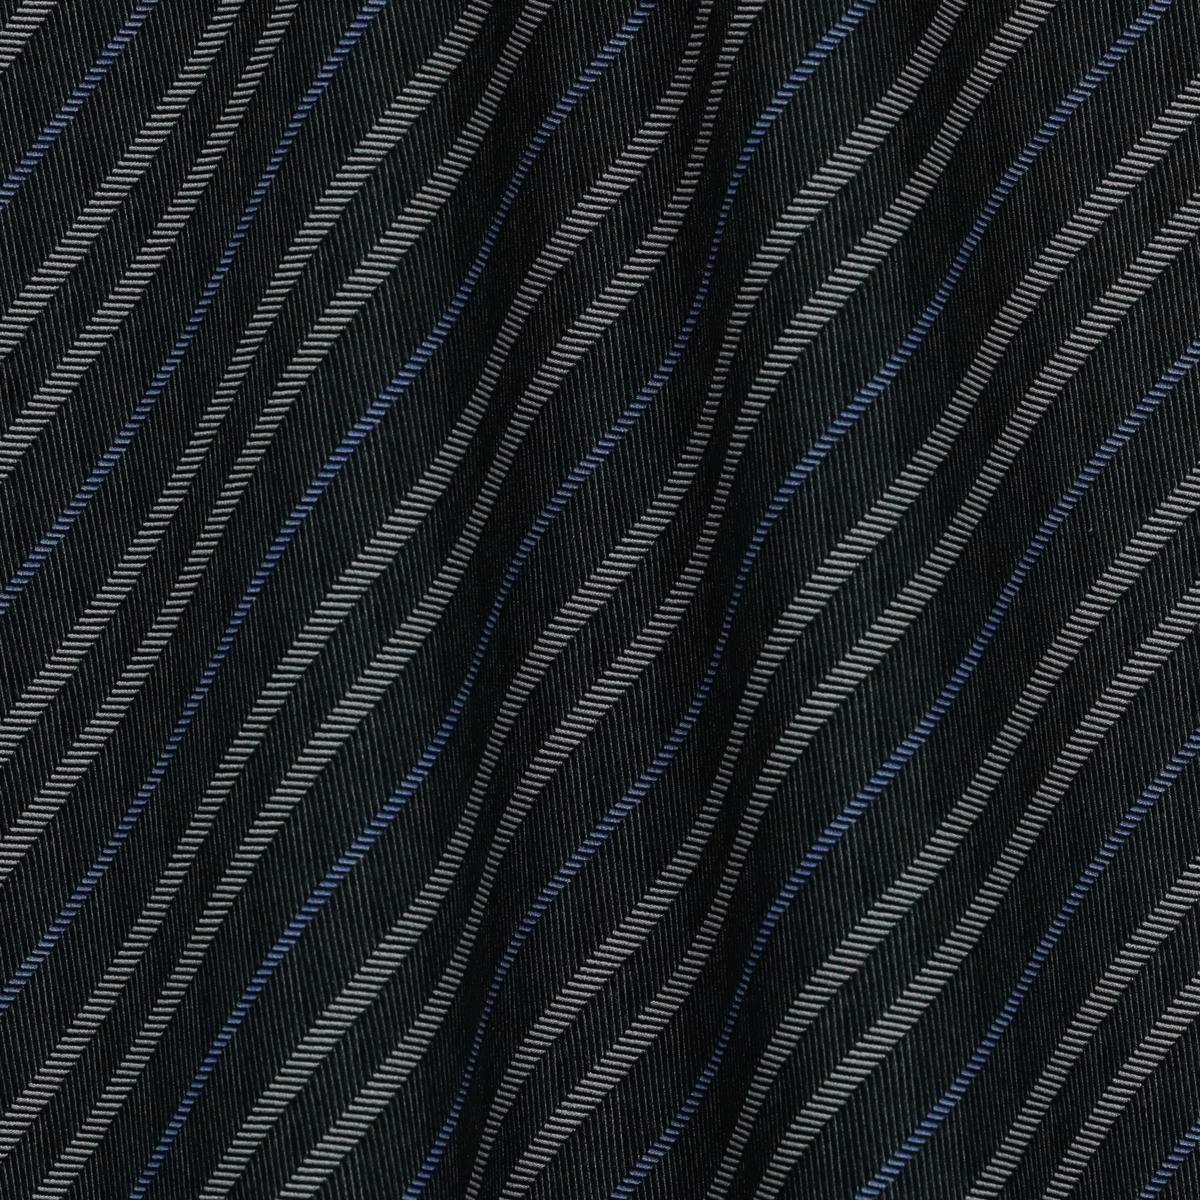 Плательно-костюмное вискозное полотно в голубую полоску